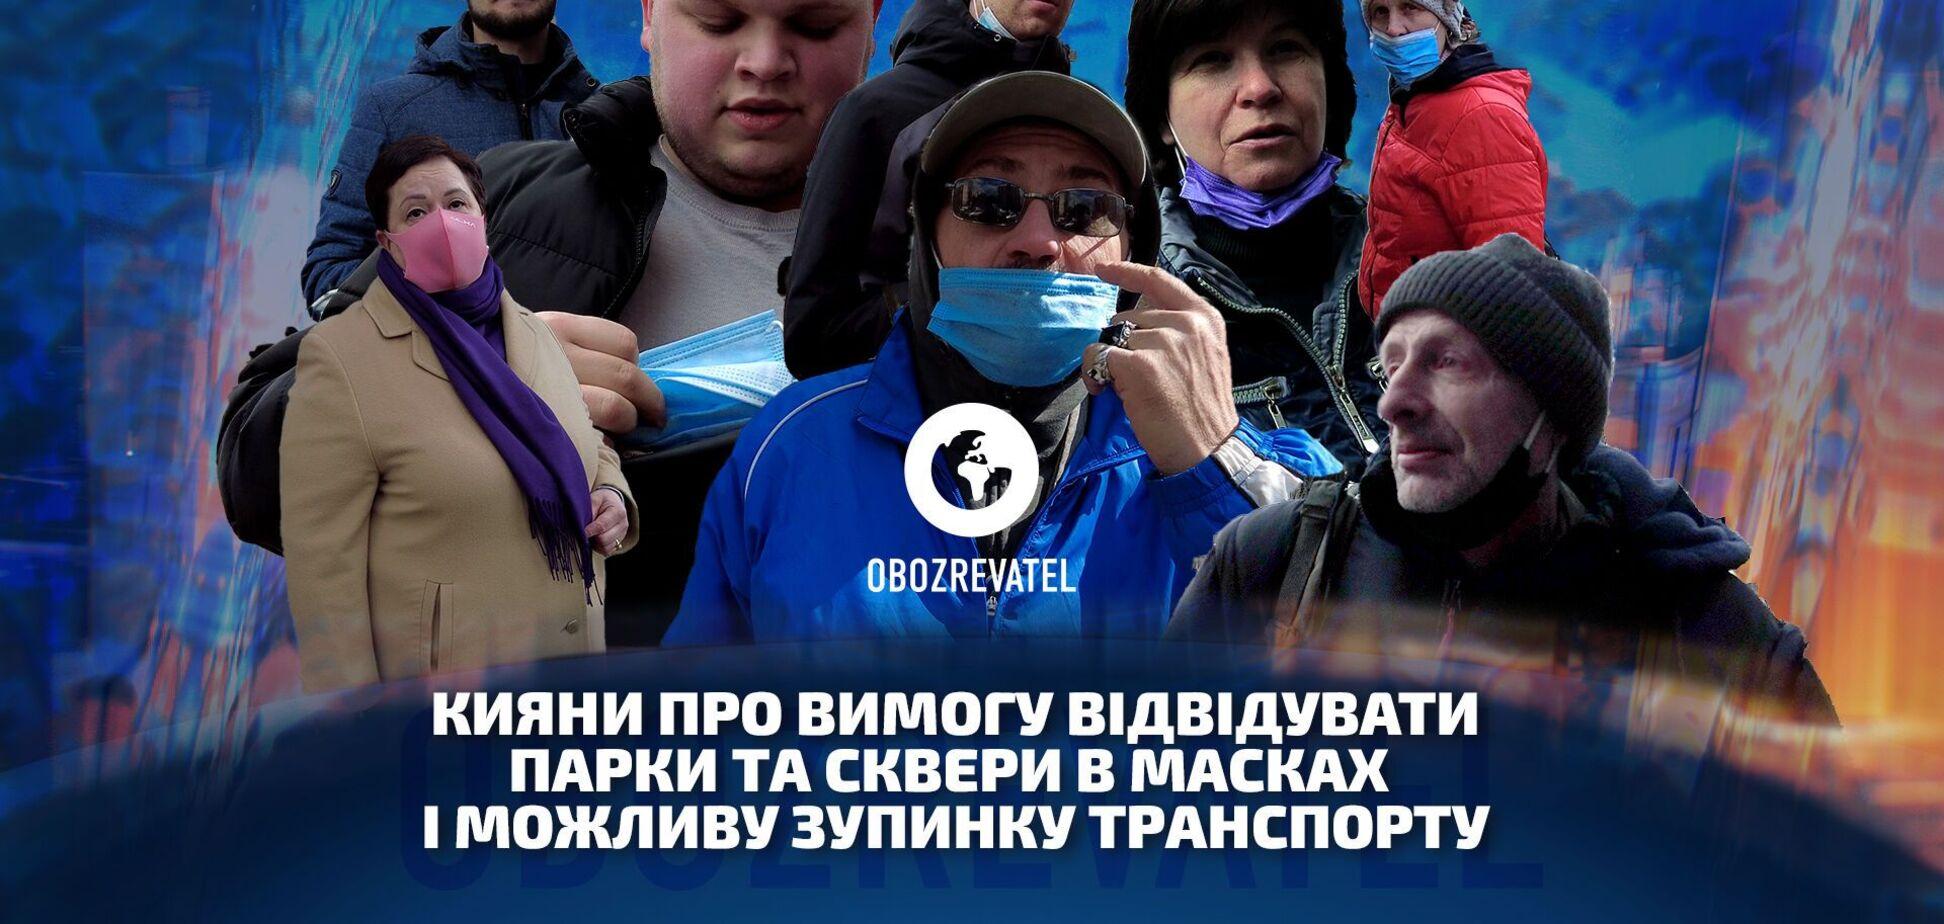 Повсюду в масках и ограничения по транспорту: киевляне рассказали о своем отношении к правилам